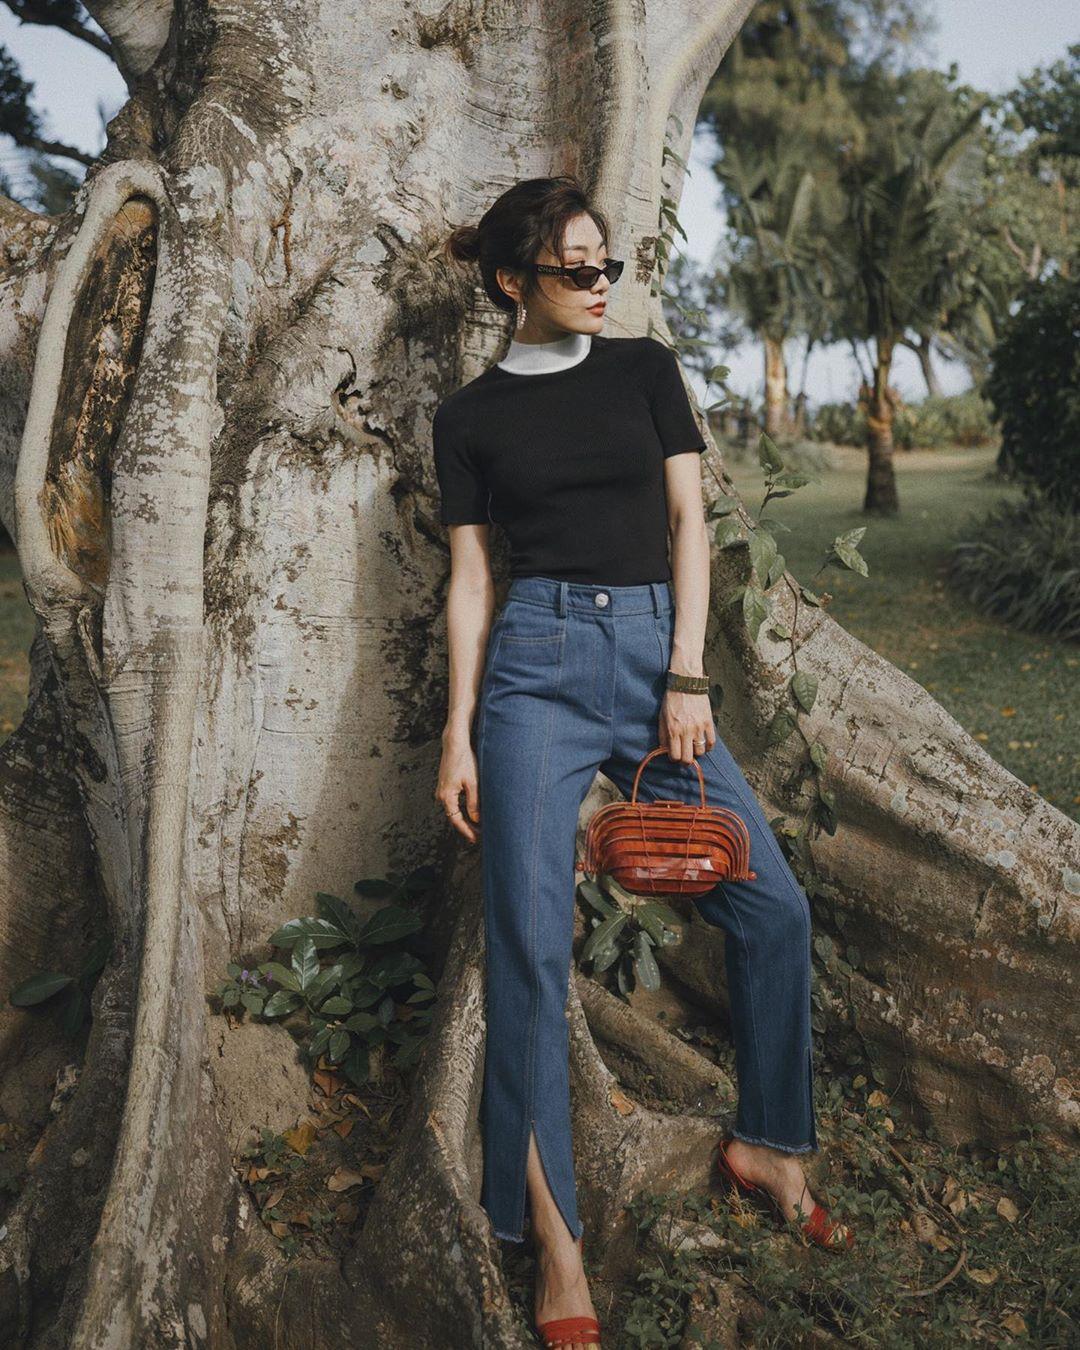 dress code semi formal - áo thun đen và quần jeans xẻ gấu